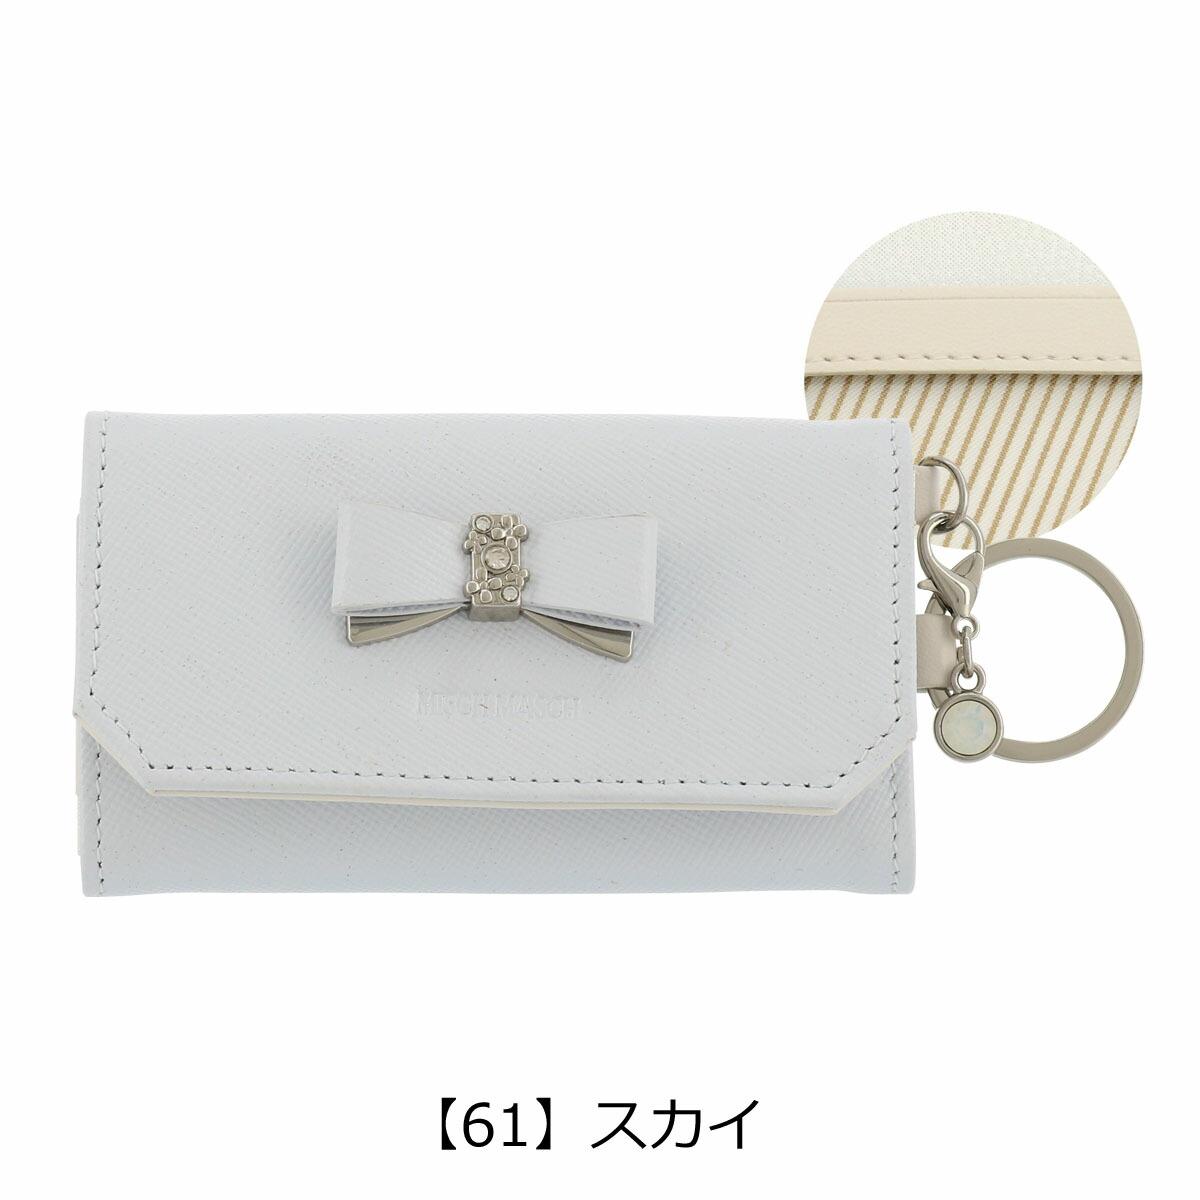 【61】スカイ